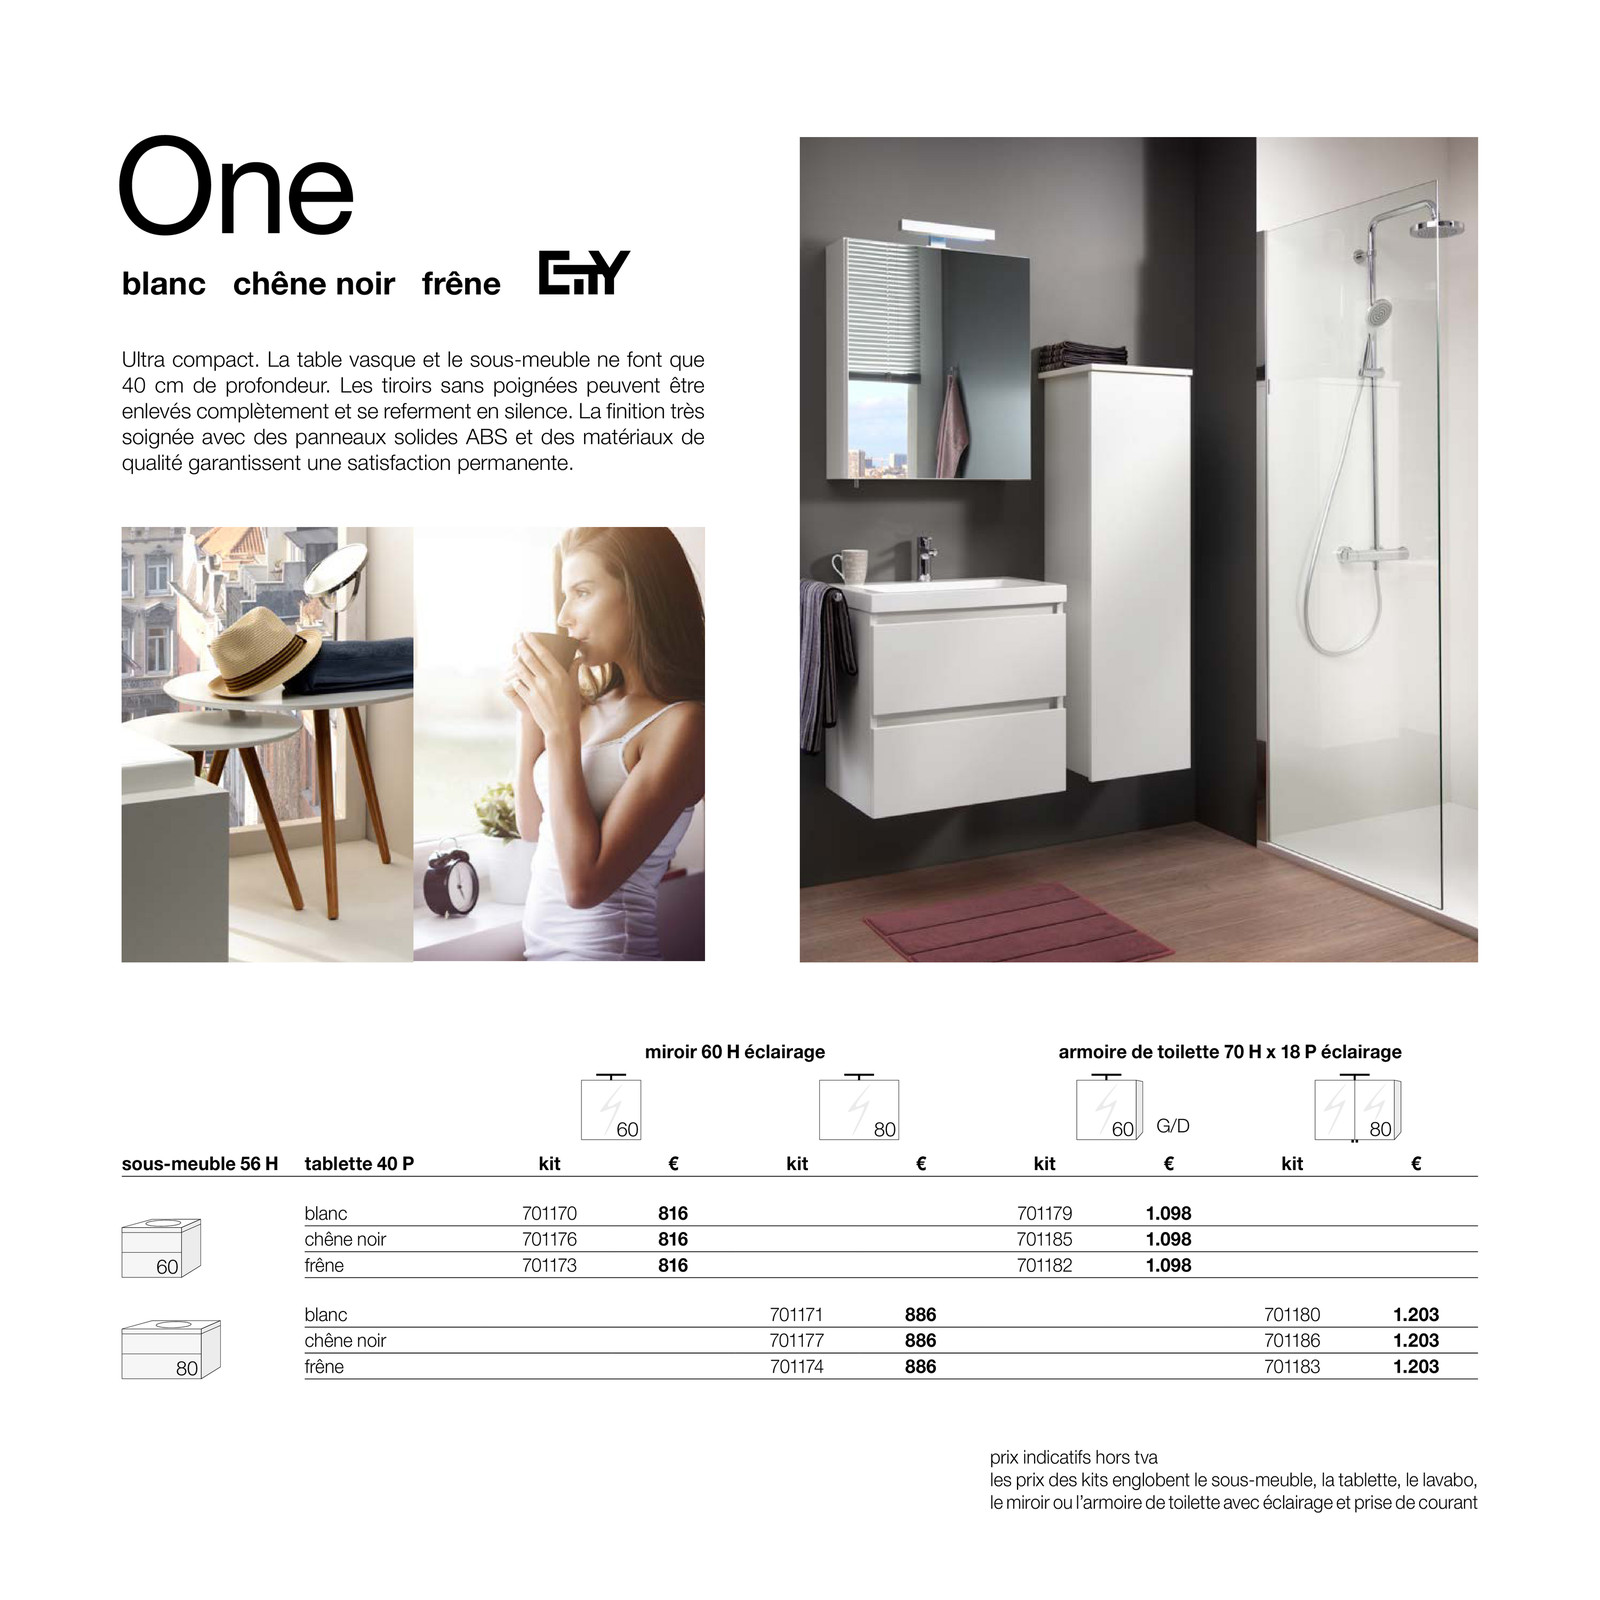 Desco city meubles page 4 5 - Armoire de toilette avec prise de courant ...